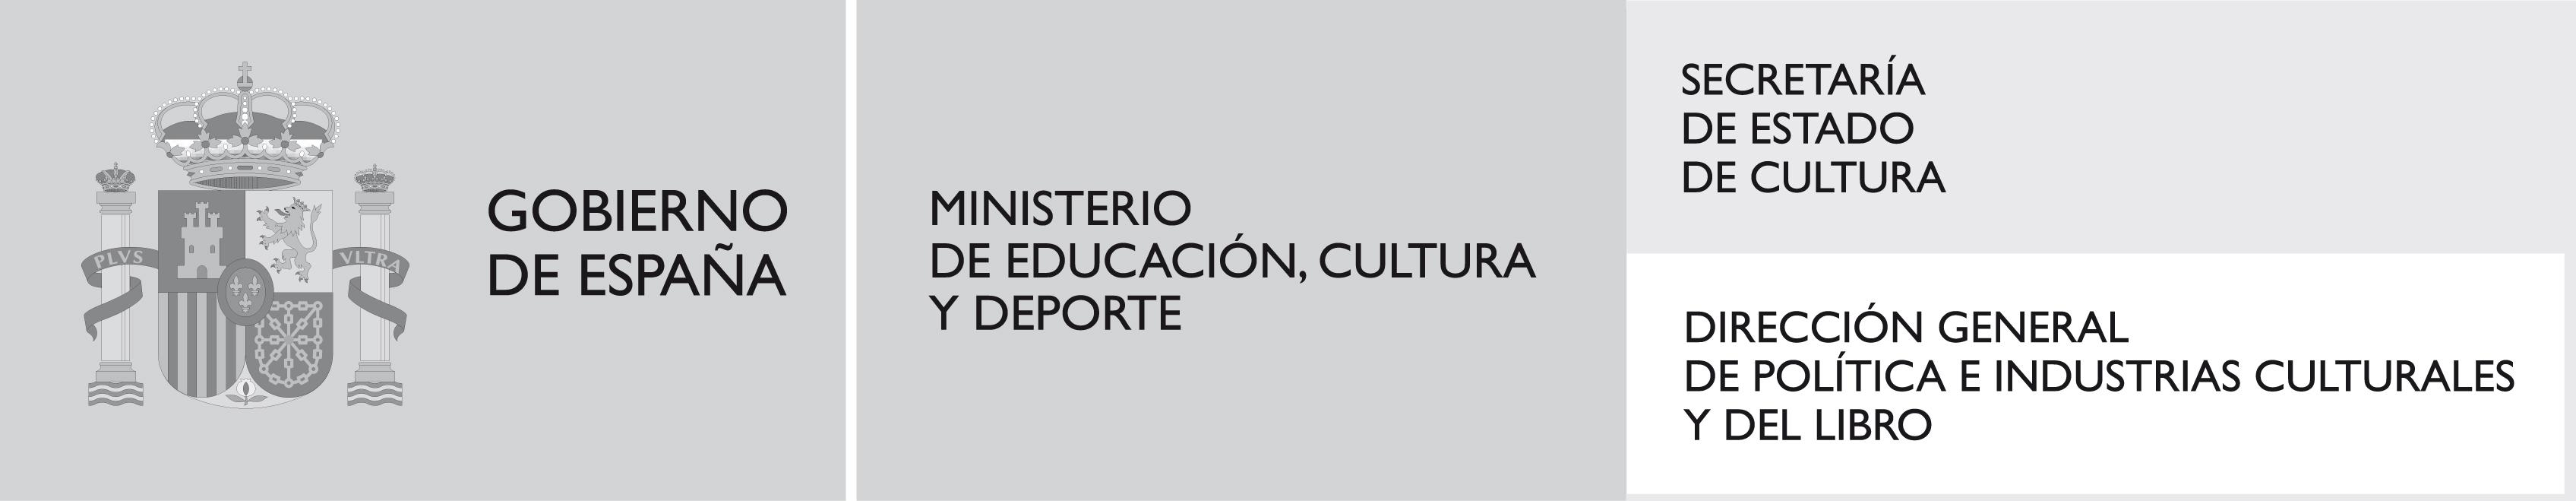 Dirección General de Política e Industrias Culturales y del Libro